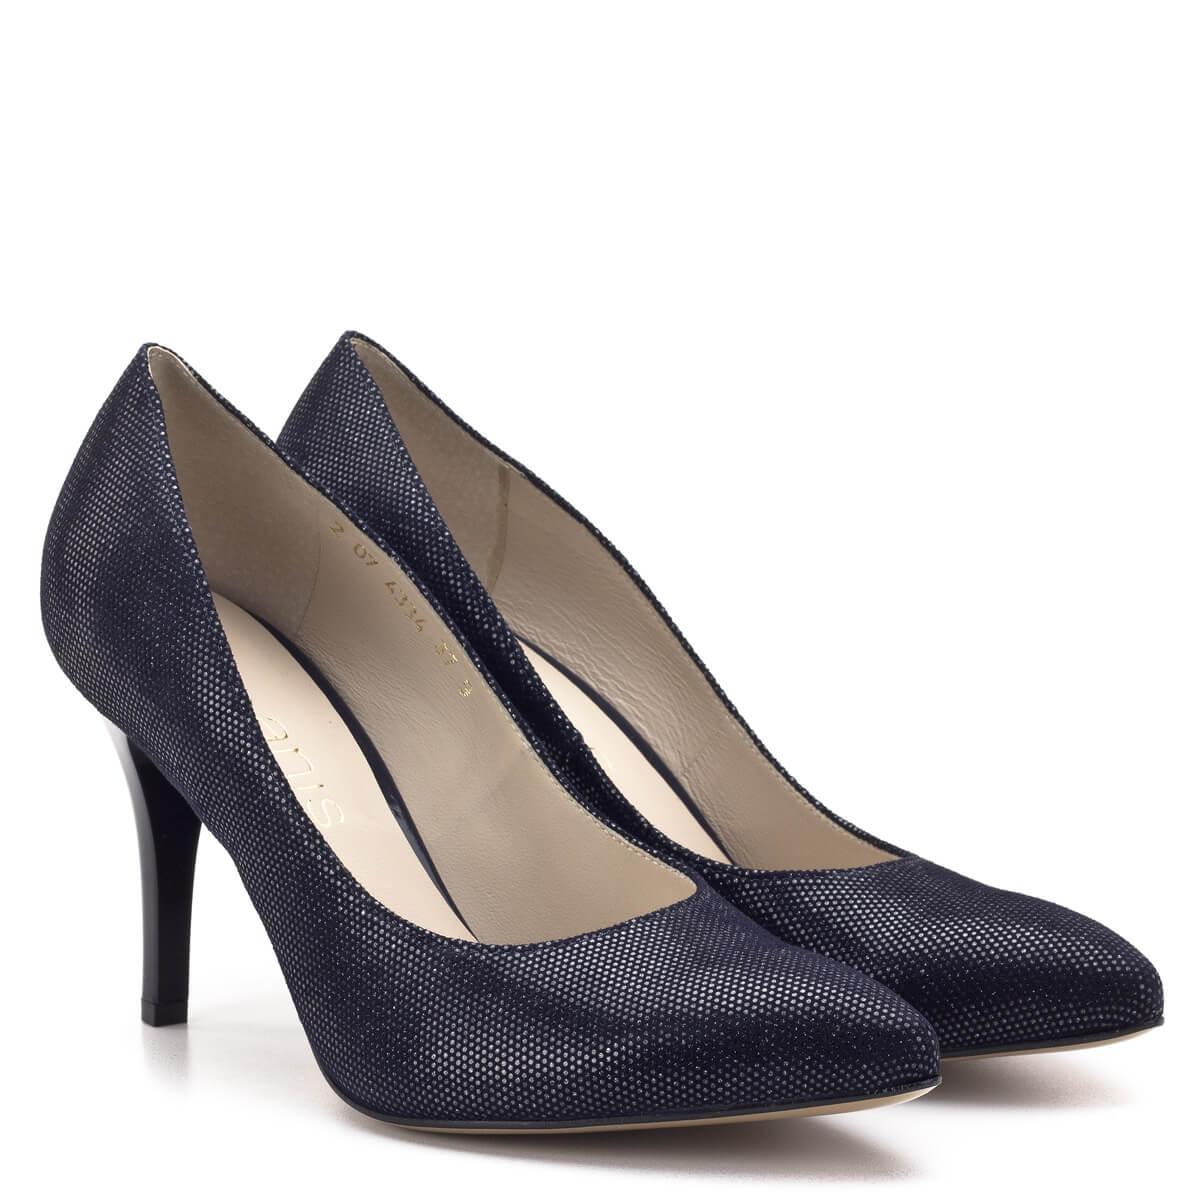 2f7cb2957f Anis kék-ezüst magassarkú női cipő 9 cm magasságú sarokkal. Bőrét apró  ezüst minta ...